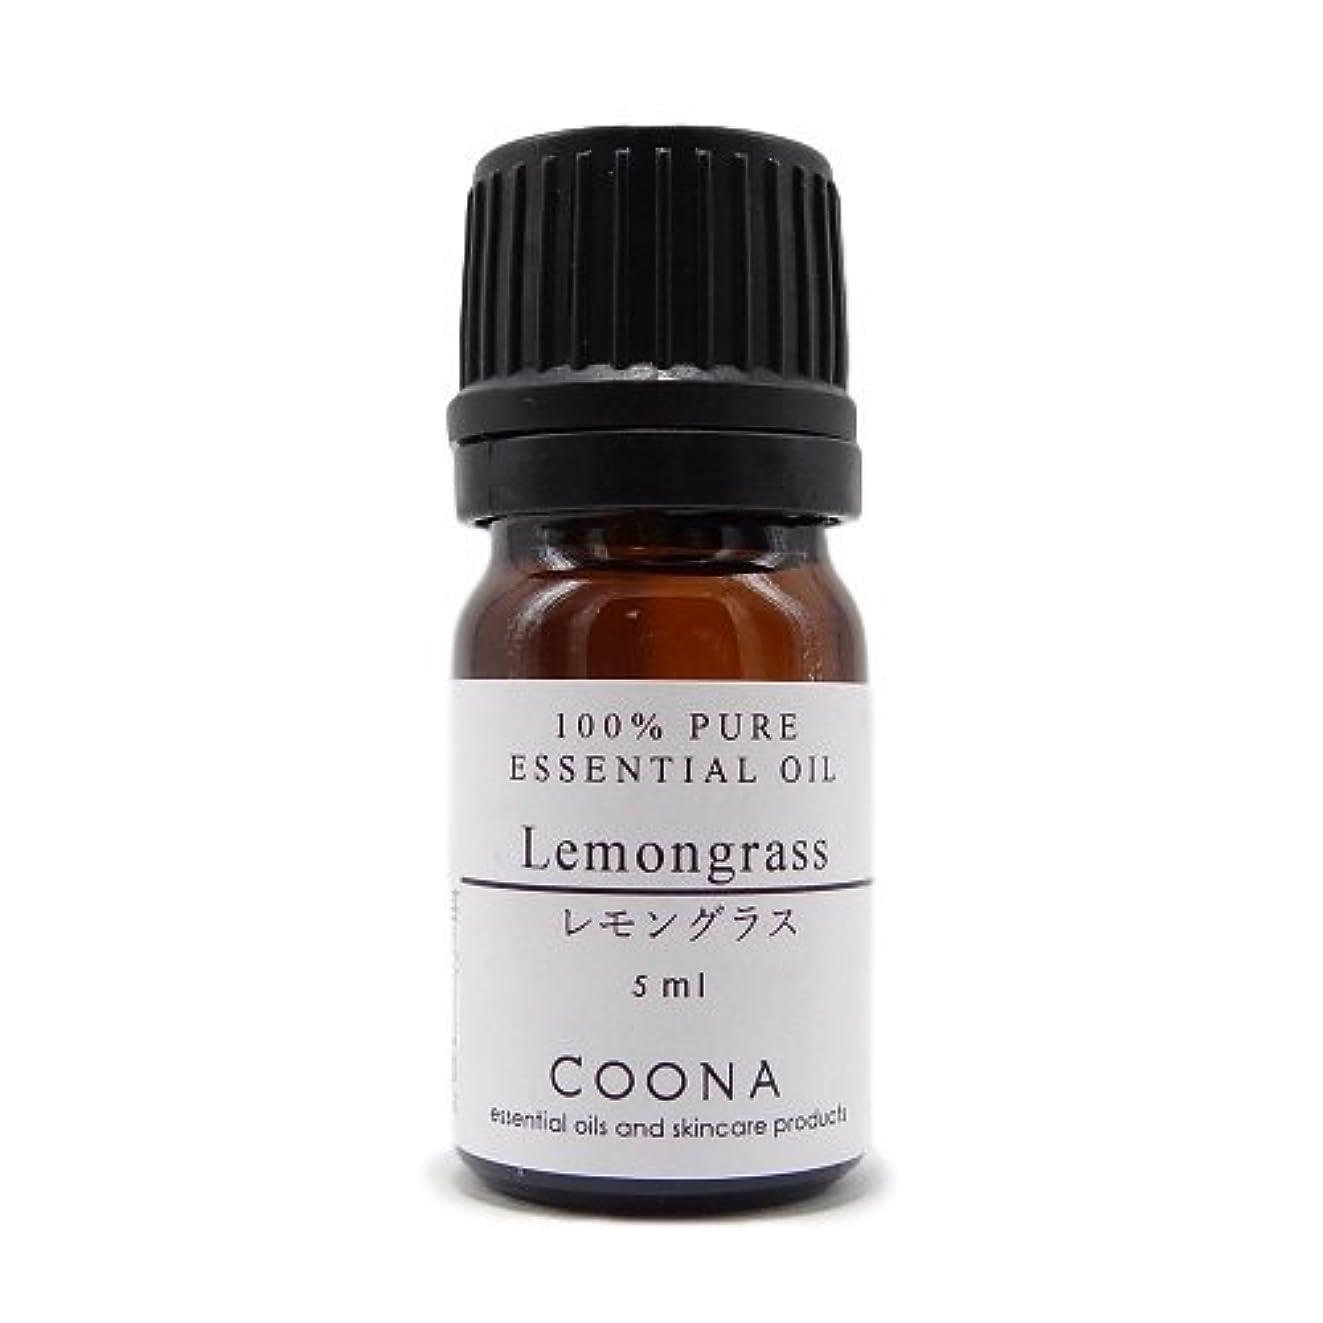 タオル贅沢証明するレモングラス 5ml (COONA エッセンシャルオイル アロマオイル 100%天然植物精油)